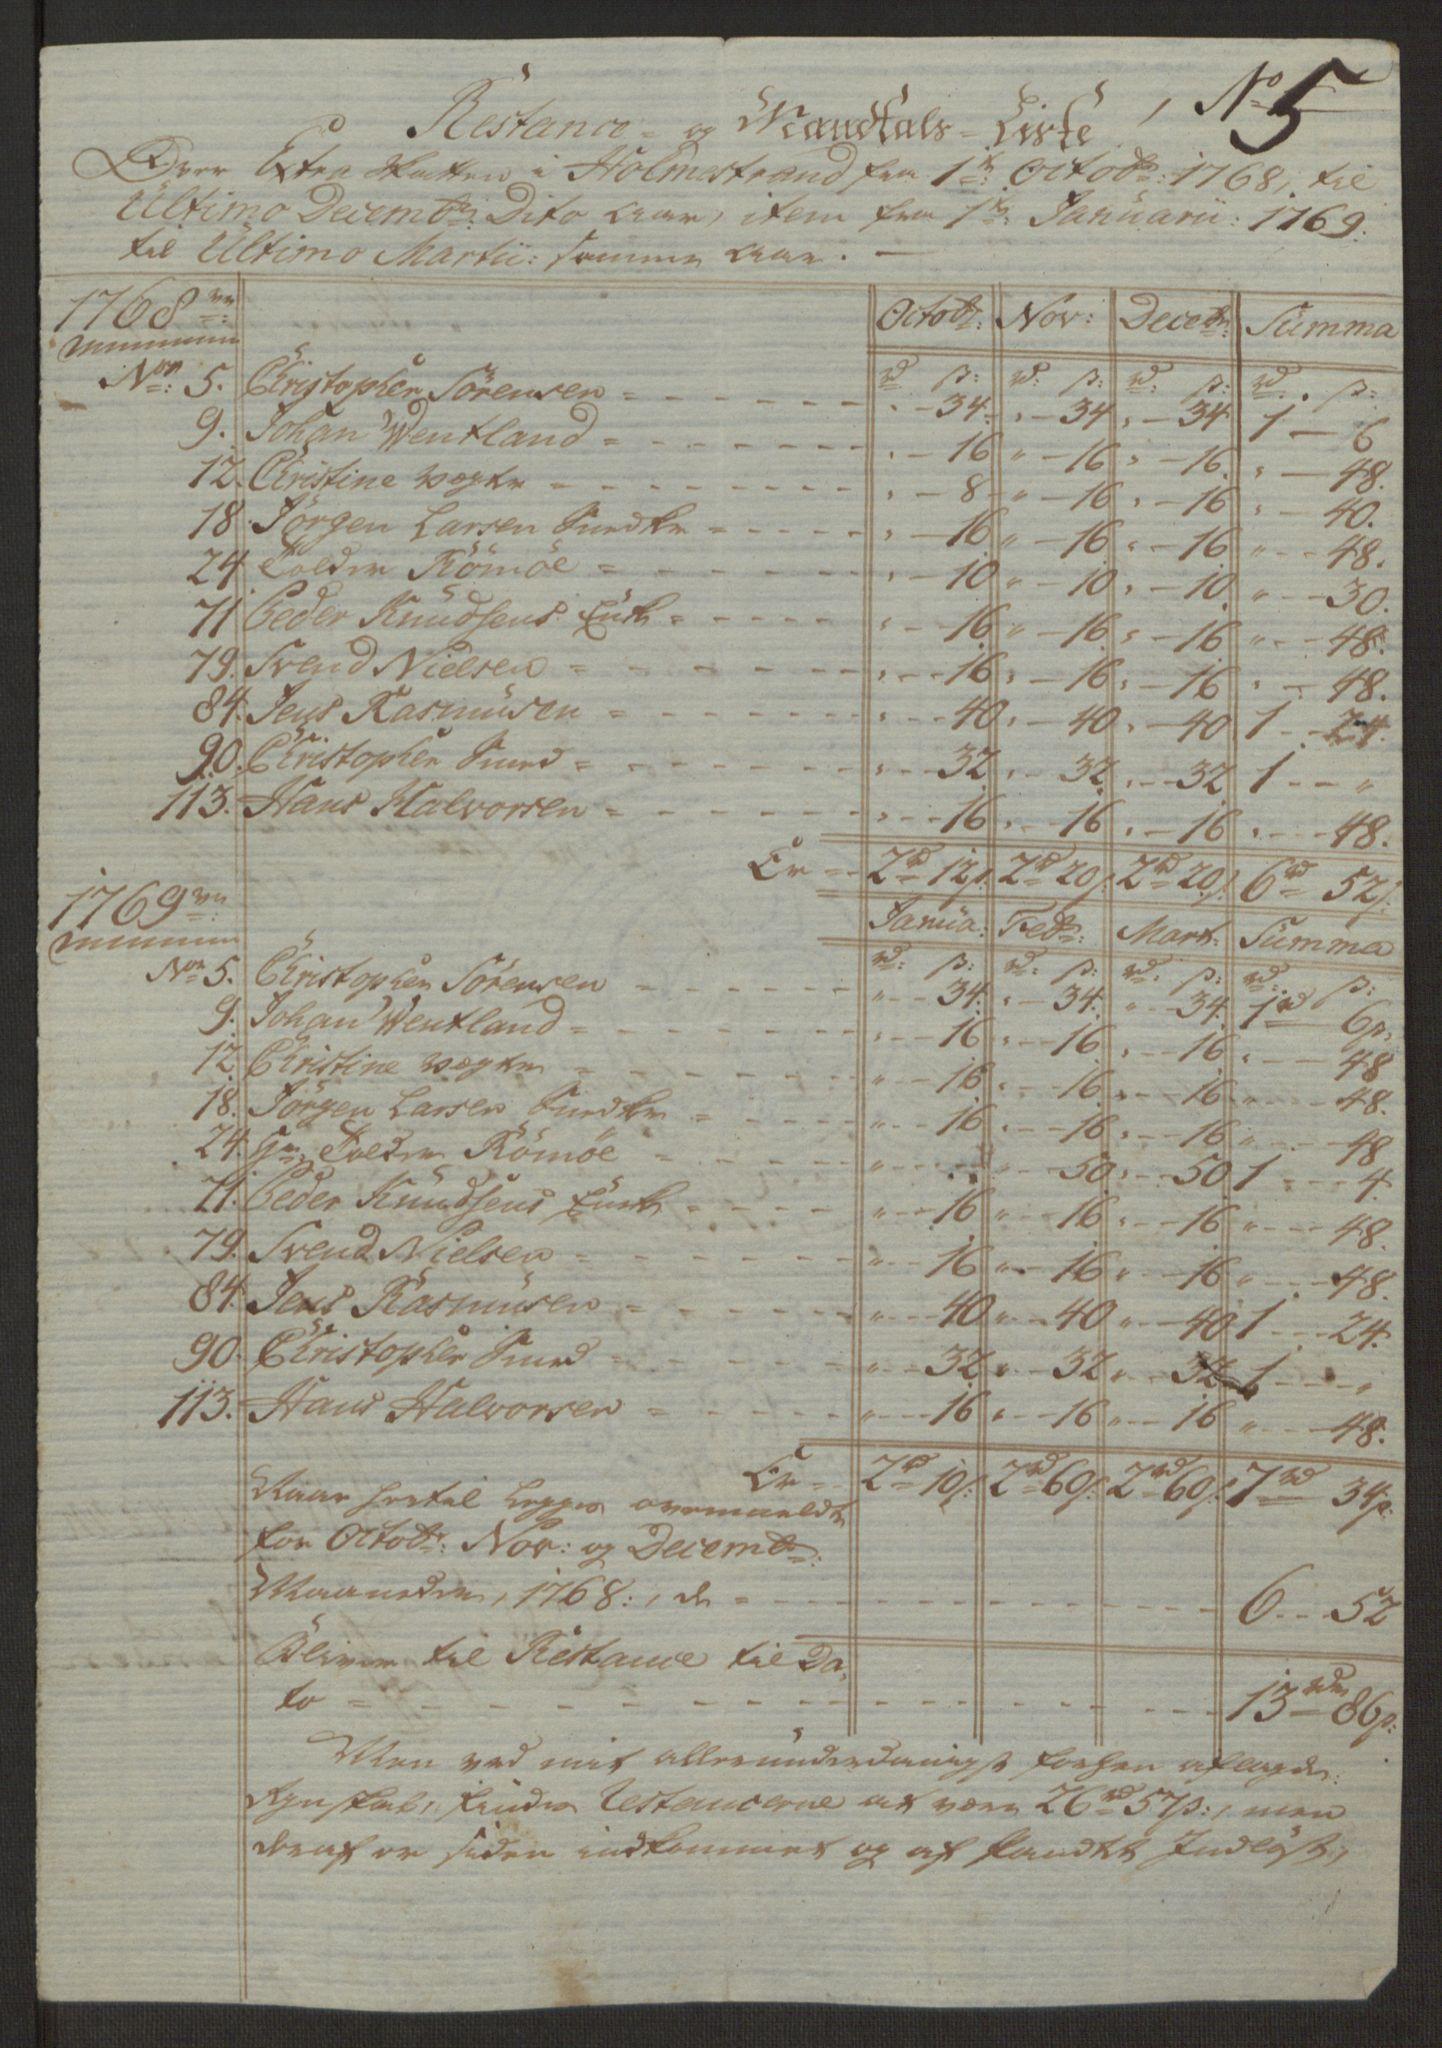 RA, Rentekammeret inntil 1814, Reviderte regnskaper, Byregnskaper, R/Rh/L0163: [H4] Kontribusjonsregnskap, 1762-1772, s. 400